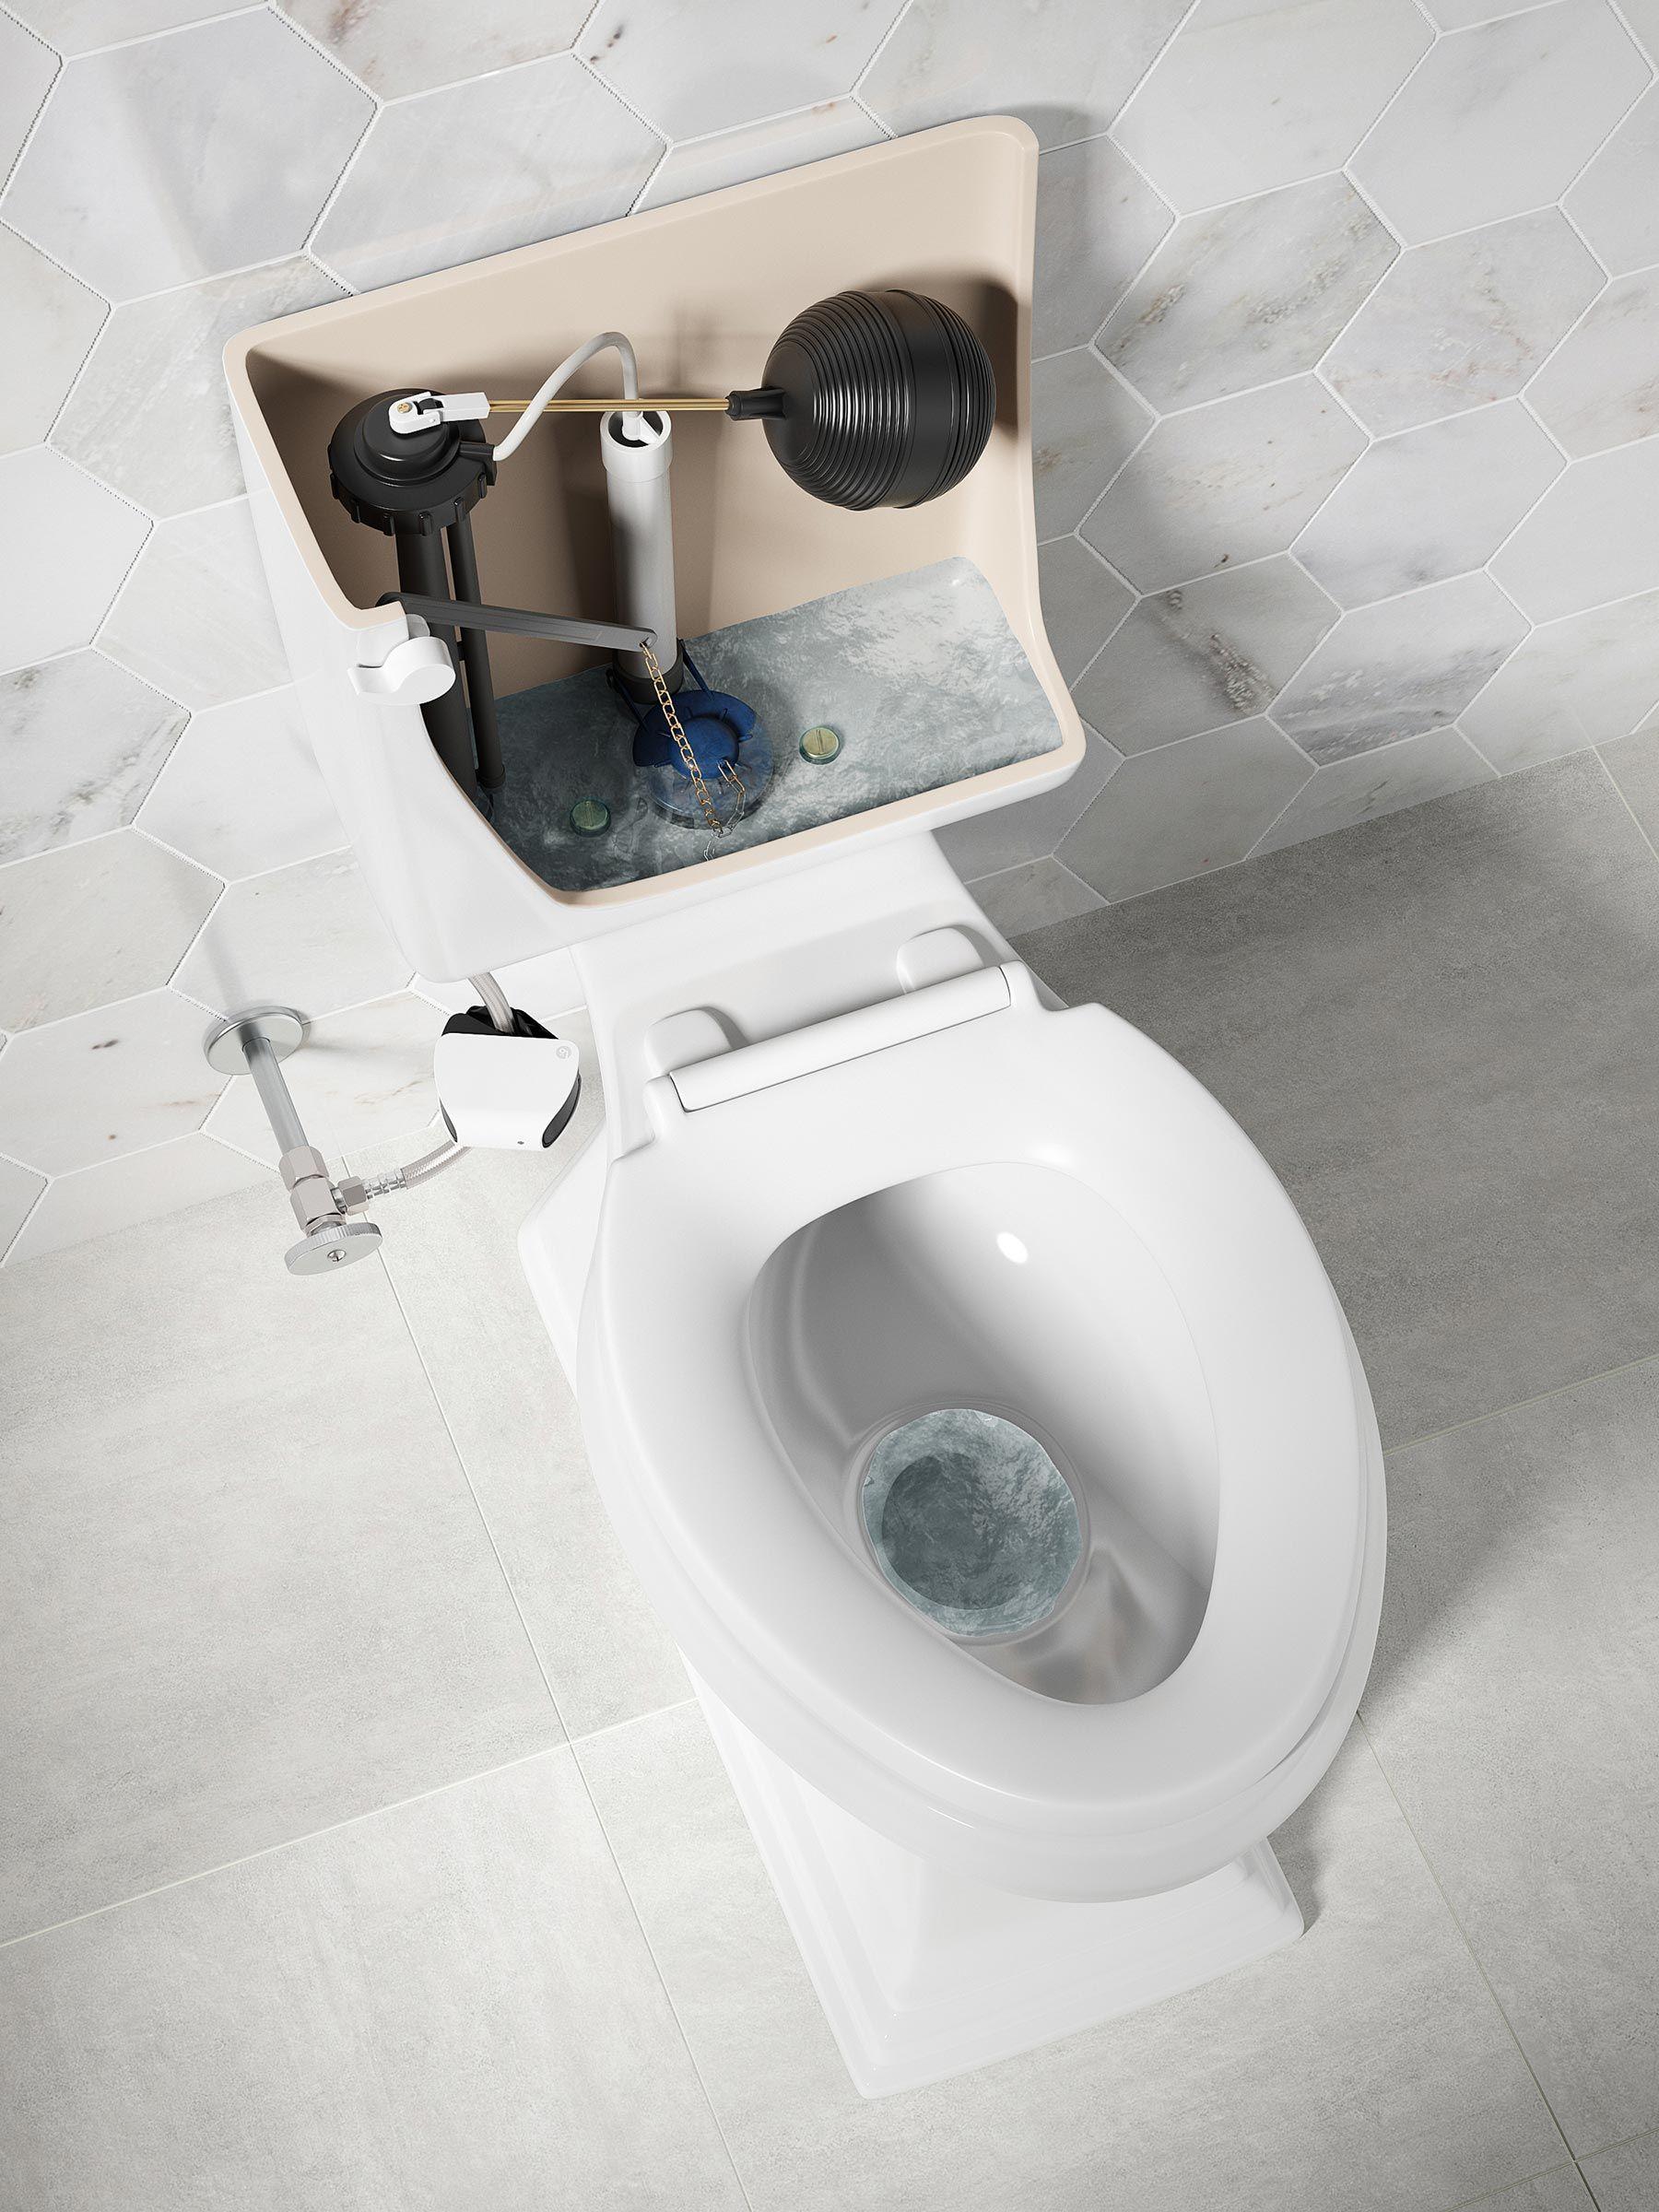 Un Toilette Ou Une Toilette image du tableau plomberie de intervention rapide